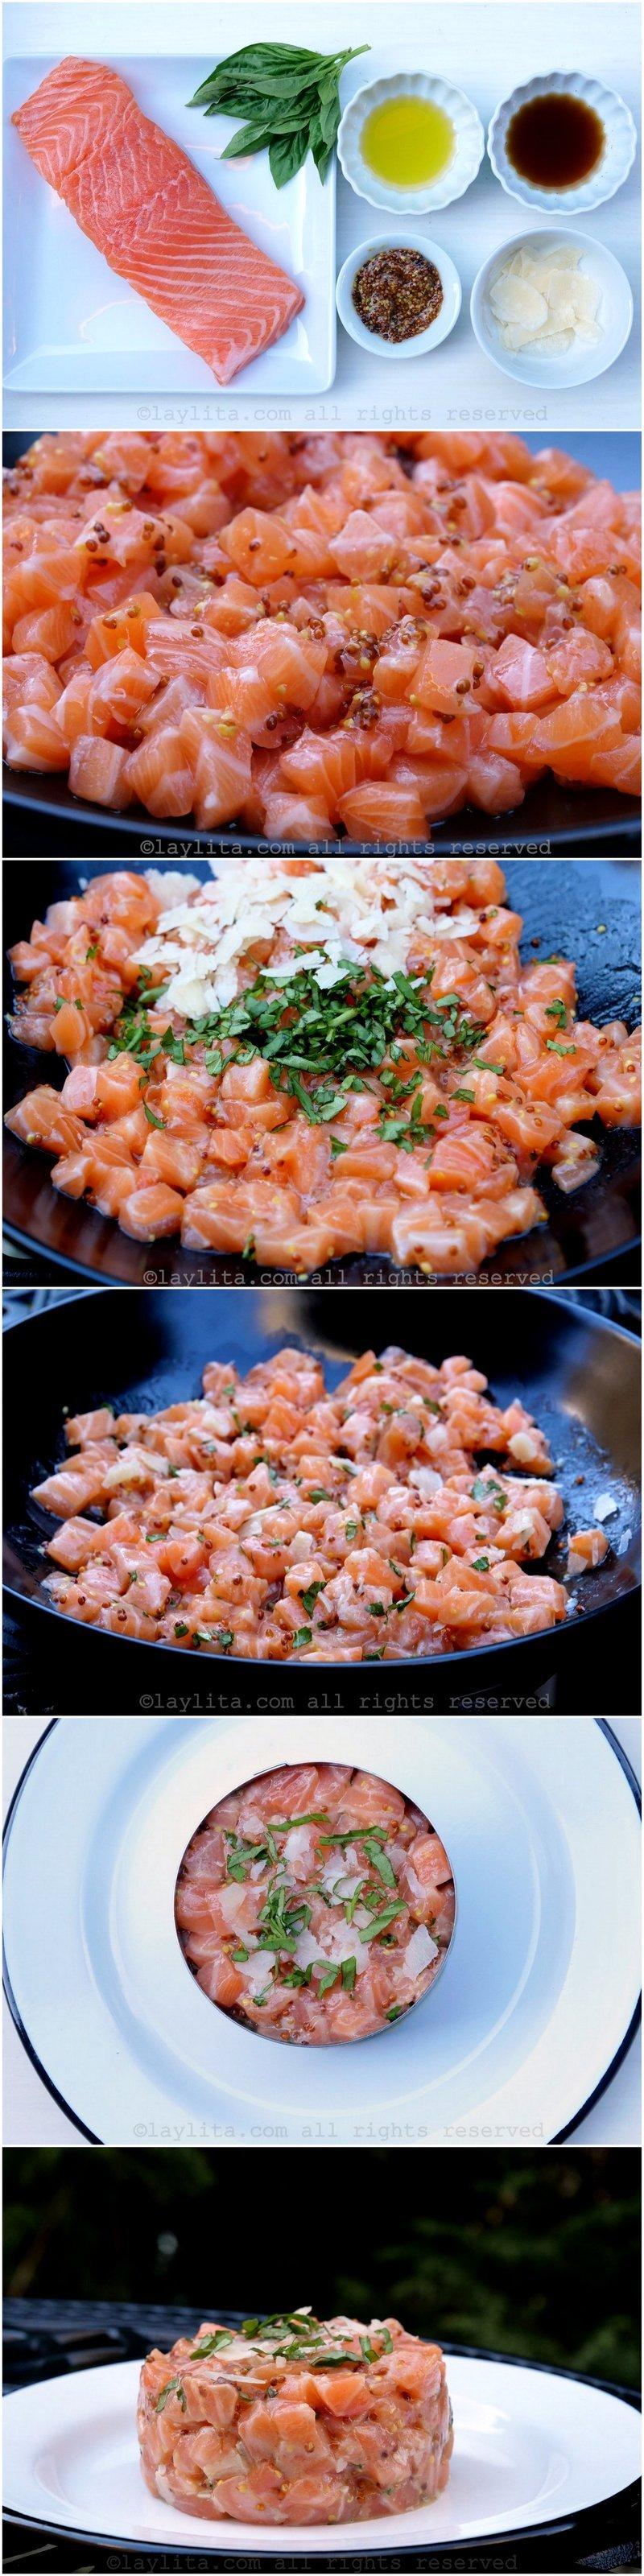 Préparation de la tartare de saumon